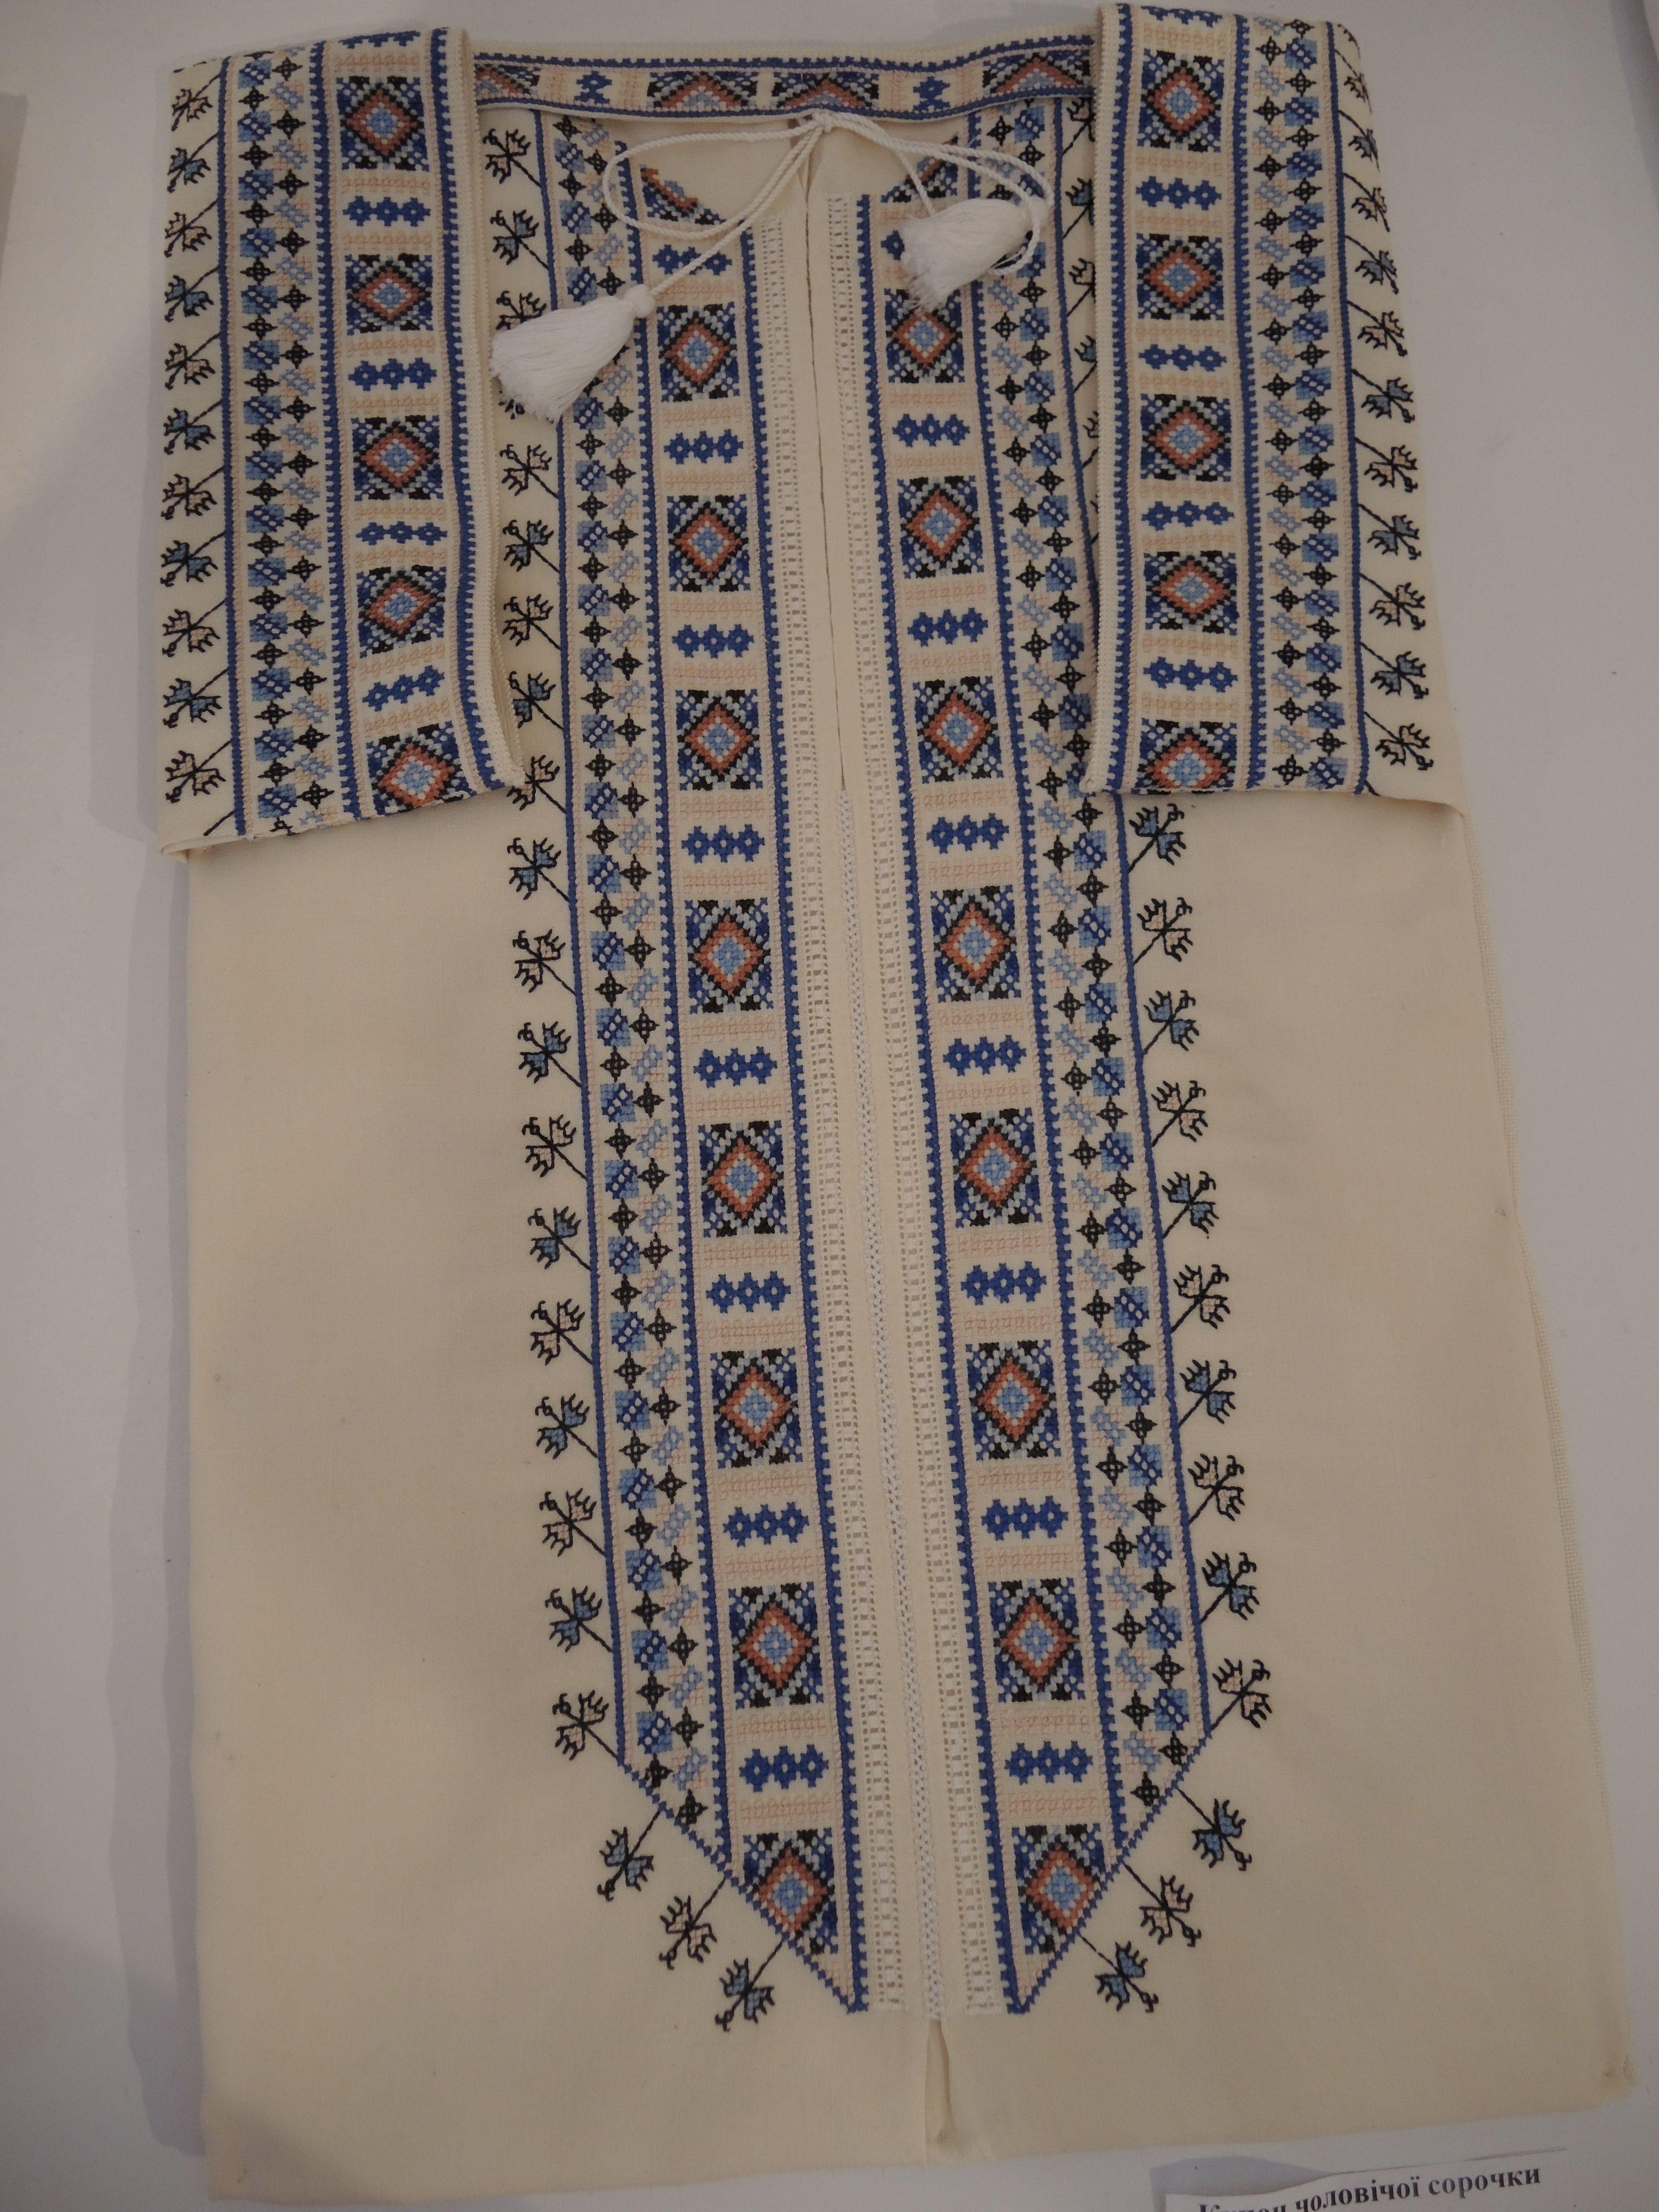 61d3c08185e4bb Купон чоловічої сорочки, виставка решетилівських майстринь у Музеї Івана  Гончара, 2015 рік